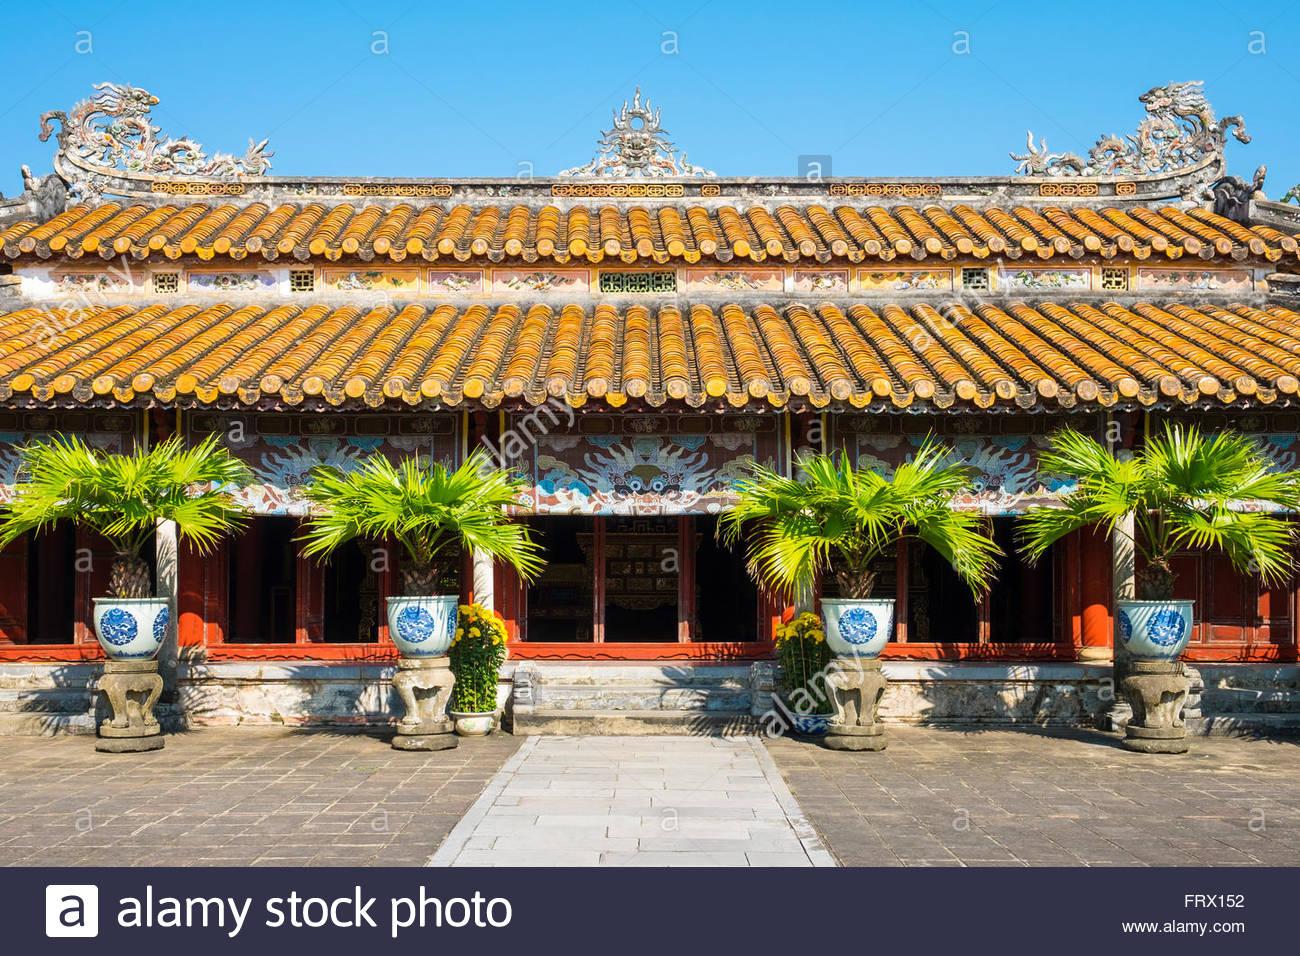 L'intérieur du Temple Hung mieu pour mieu complexe des temples, ville impériale de Hue, Vietnam, province Photo Stock